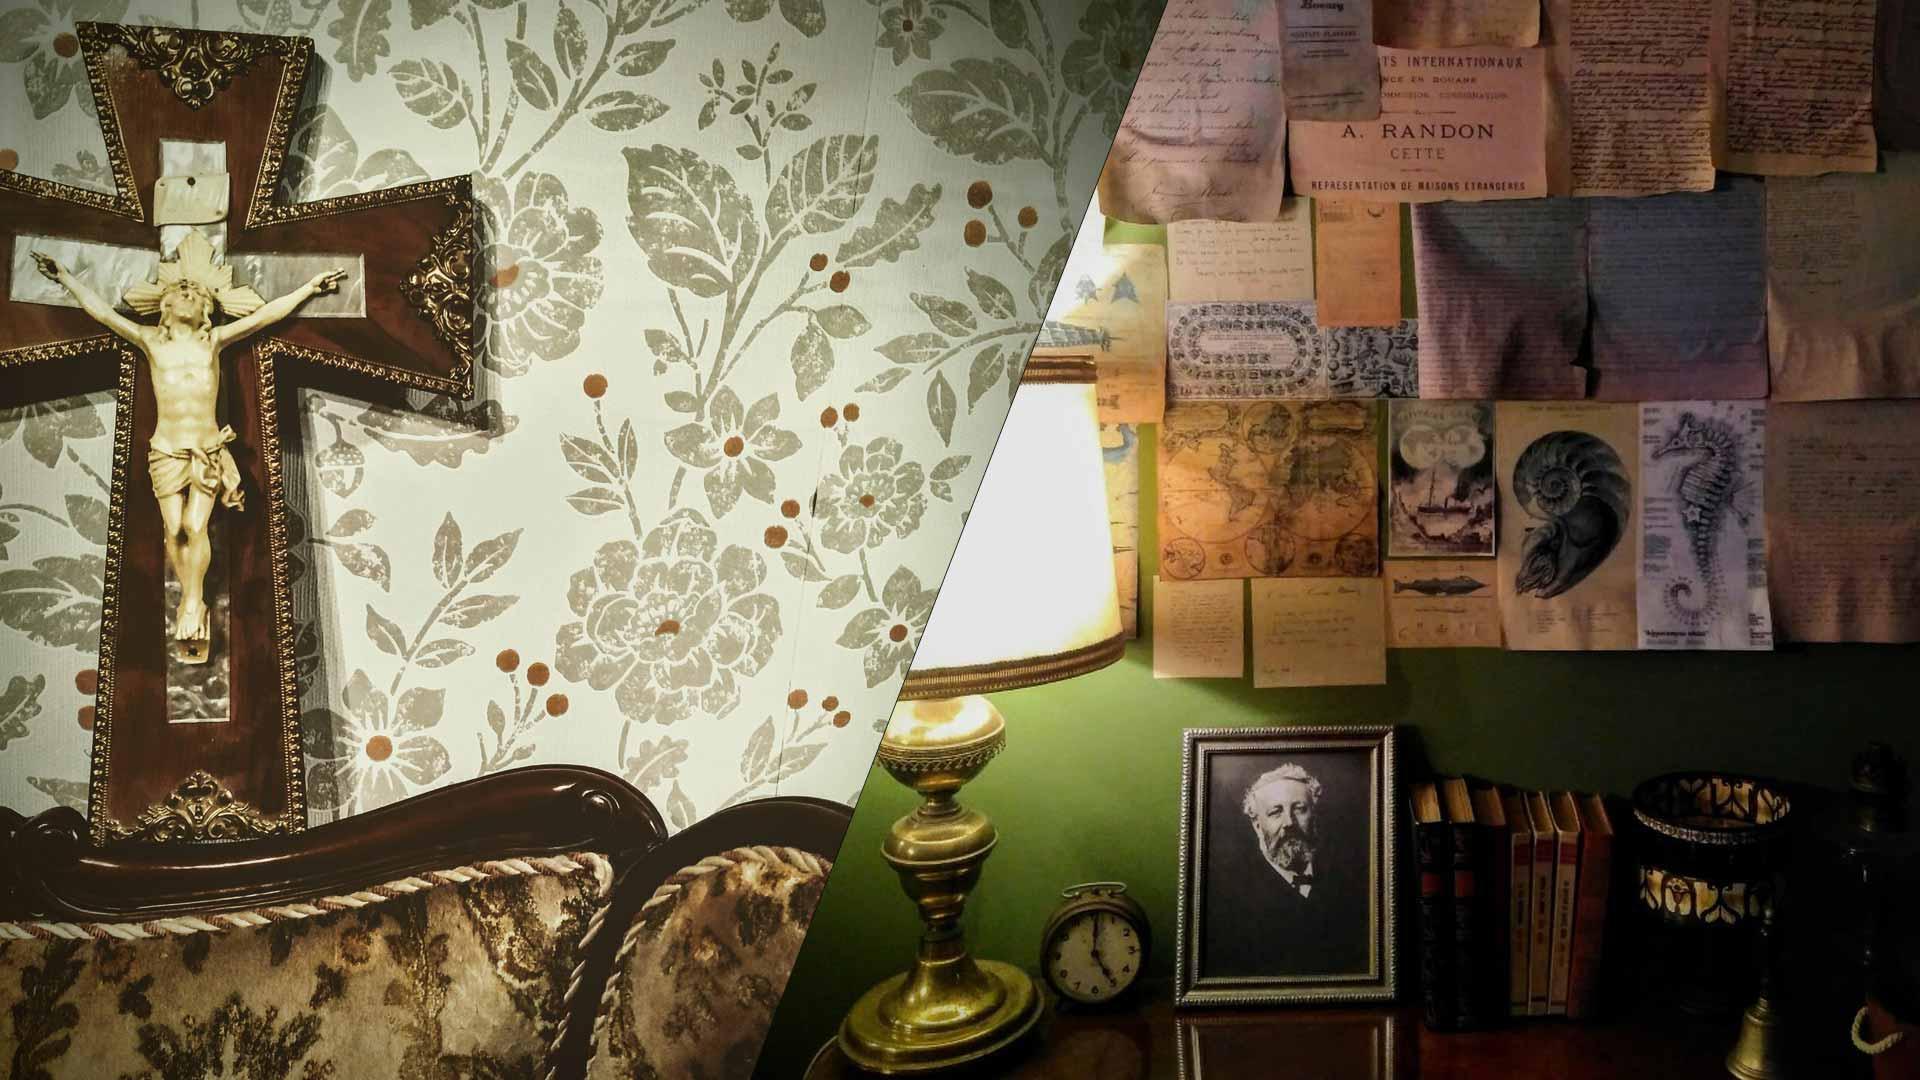 Sala de escapa en Santander, Daeomonium y Julio Verne